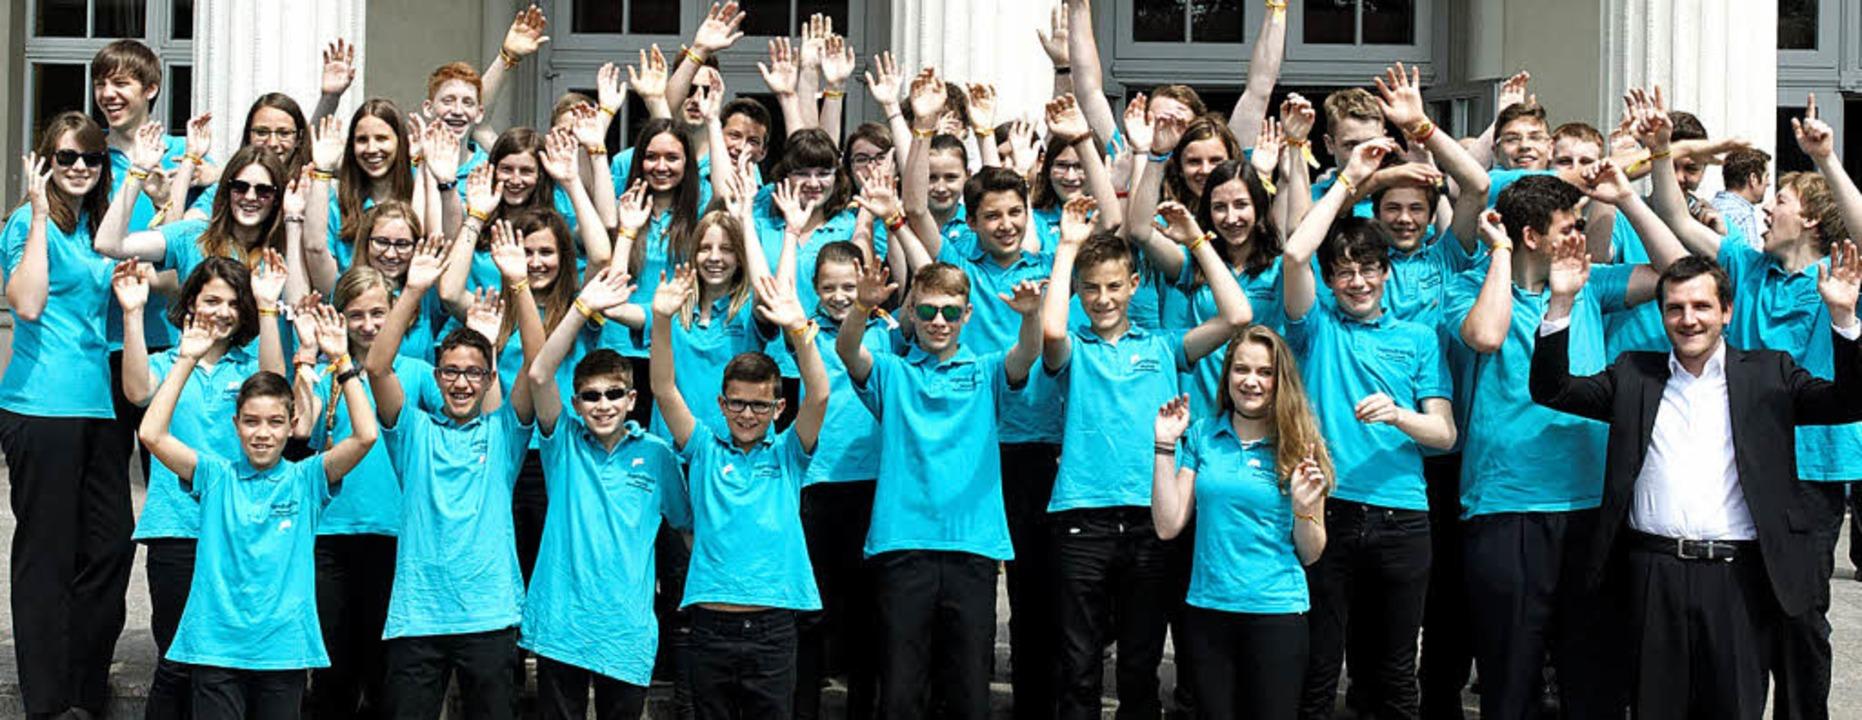 Gute Stimmung bei der Jugendkapelle in Karlsruhe     Foto: Stadtmusik/Jugendkapelle